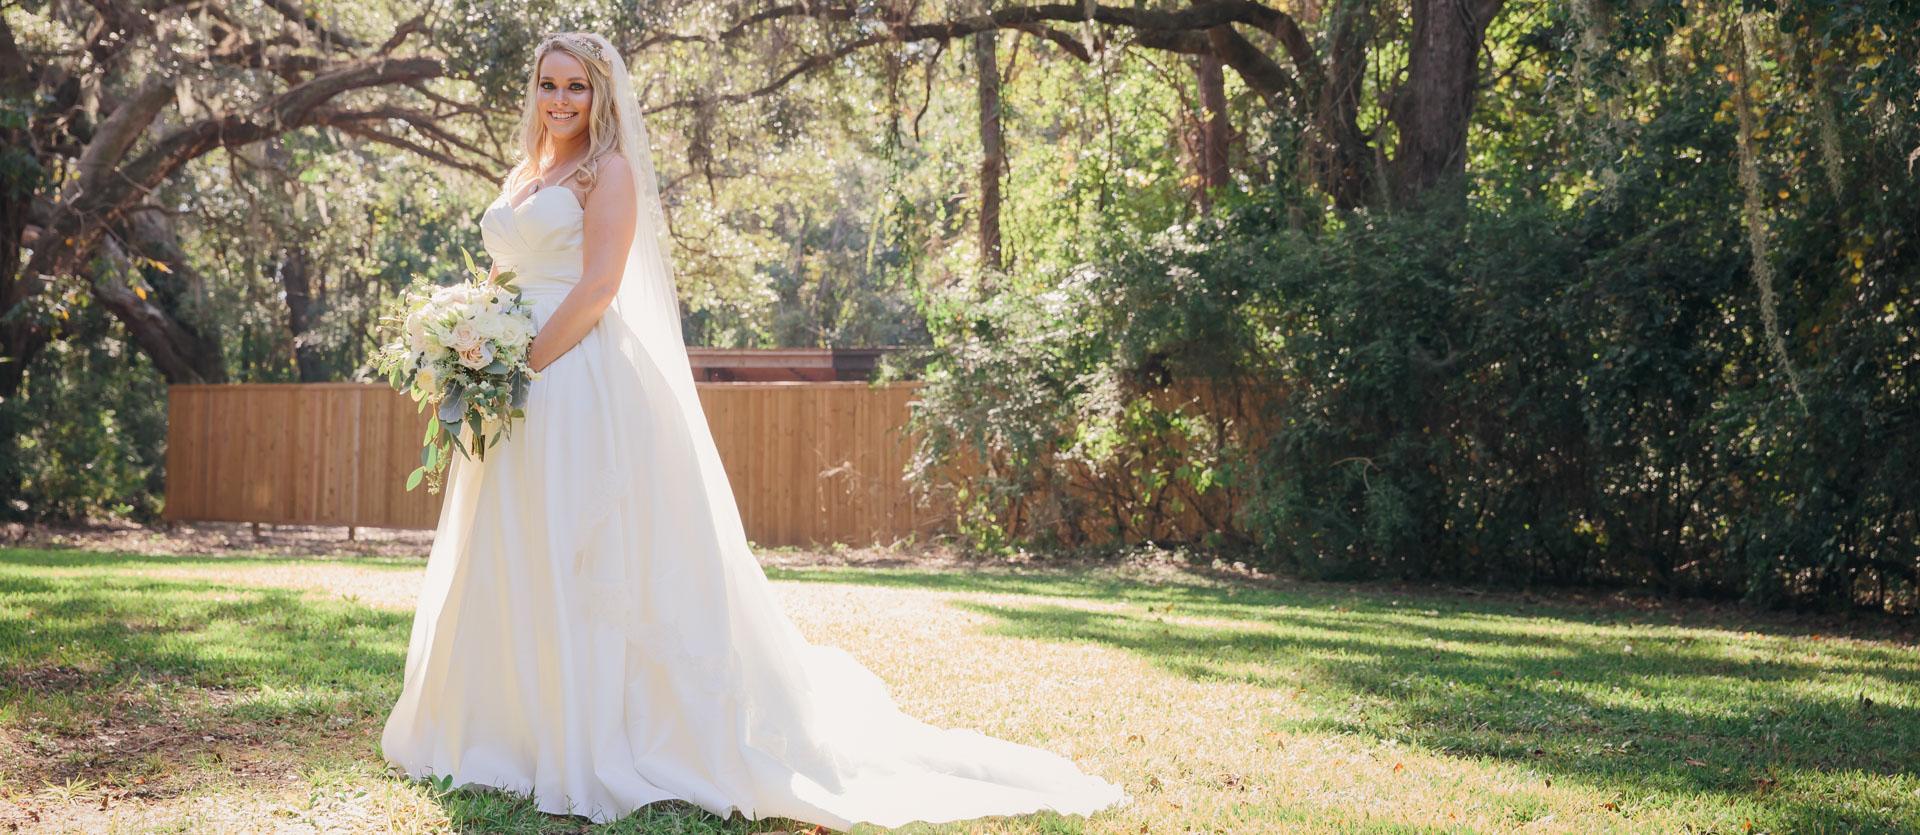 kathryn-is-a-bride